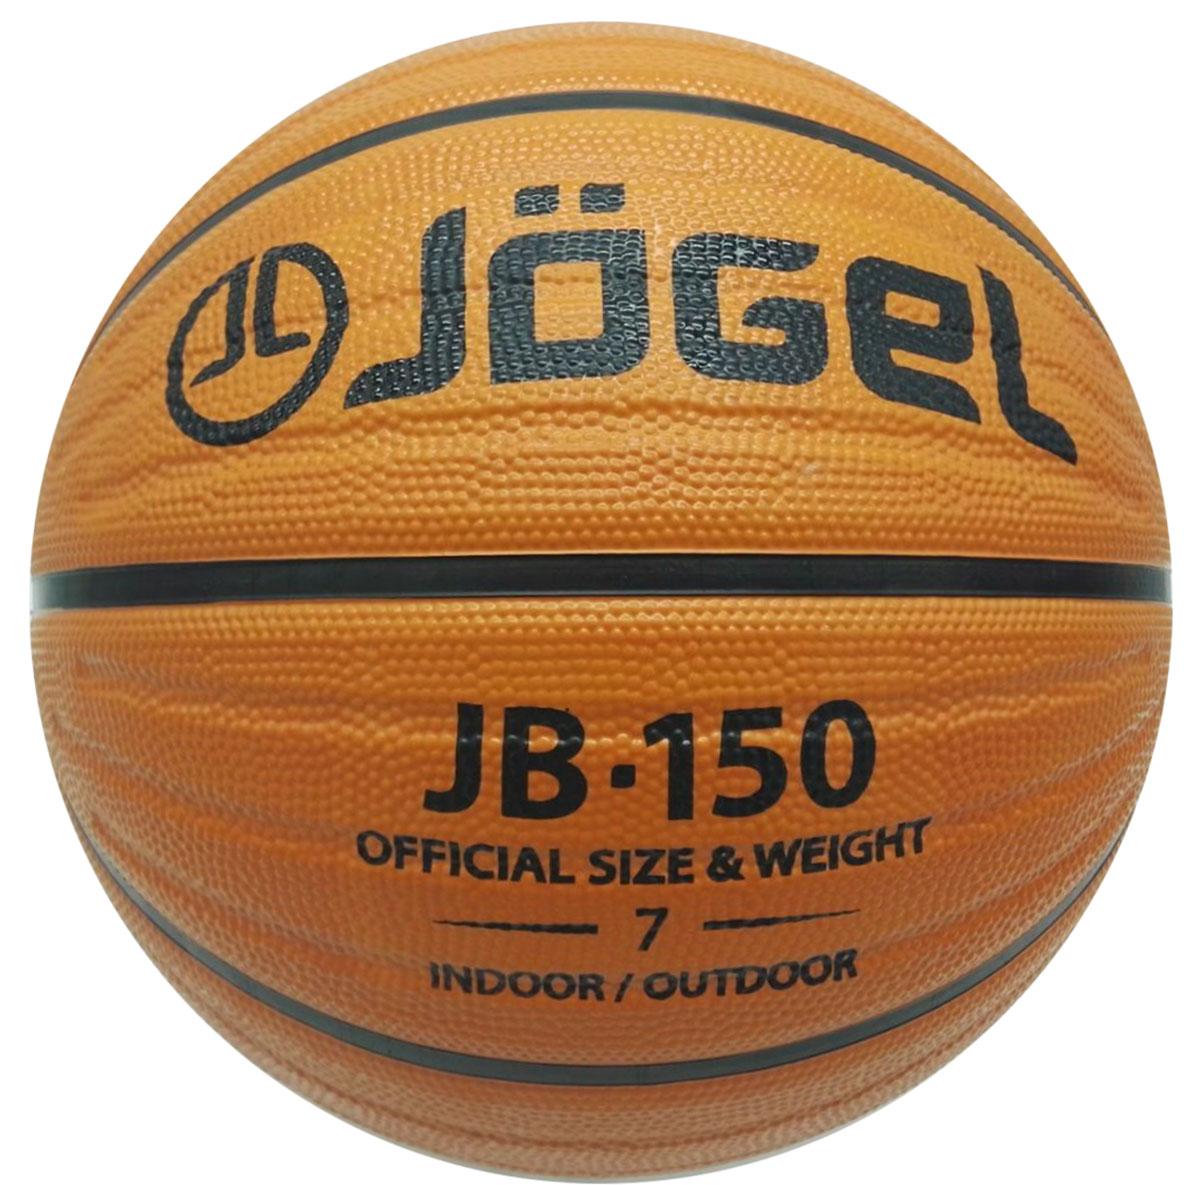 Мяч баскетбольный Jogel, цвет: коричневый. Размер 7. JB-150 мячи спортивные jogel мяч баскетбольный jogel street star 7